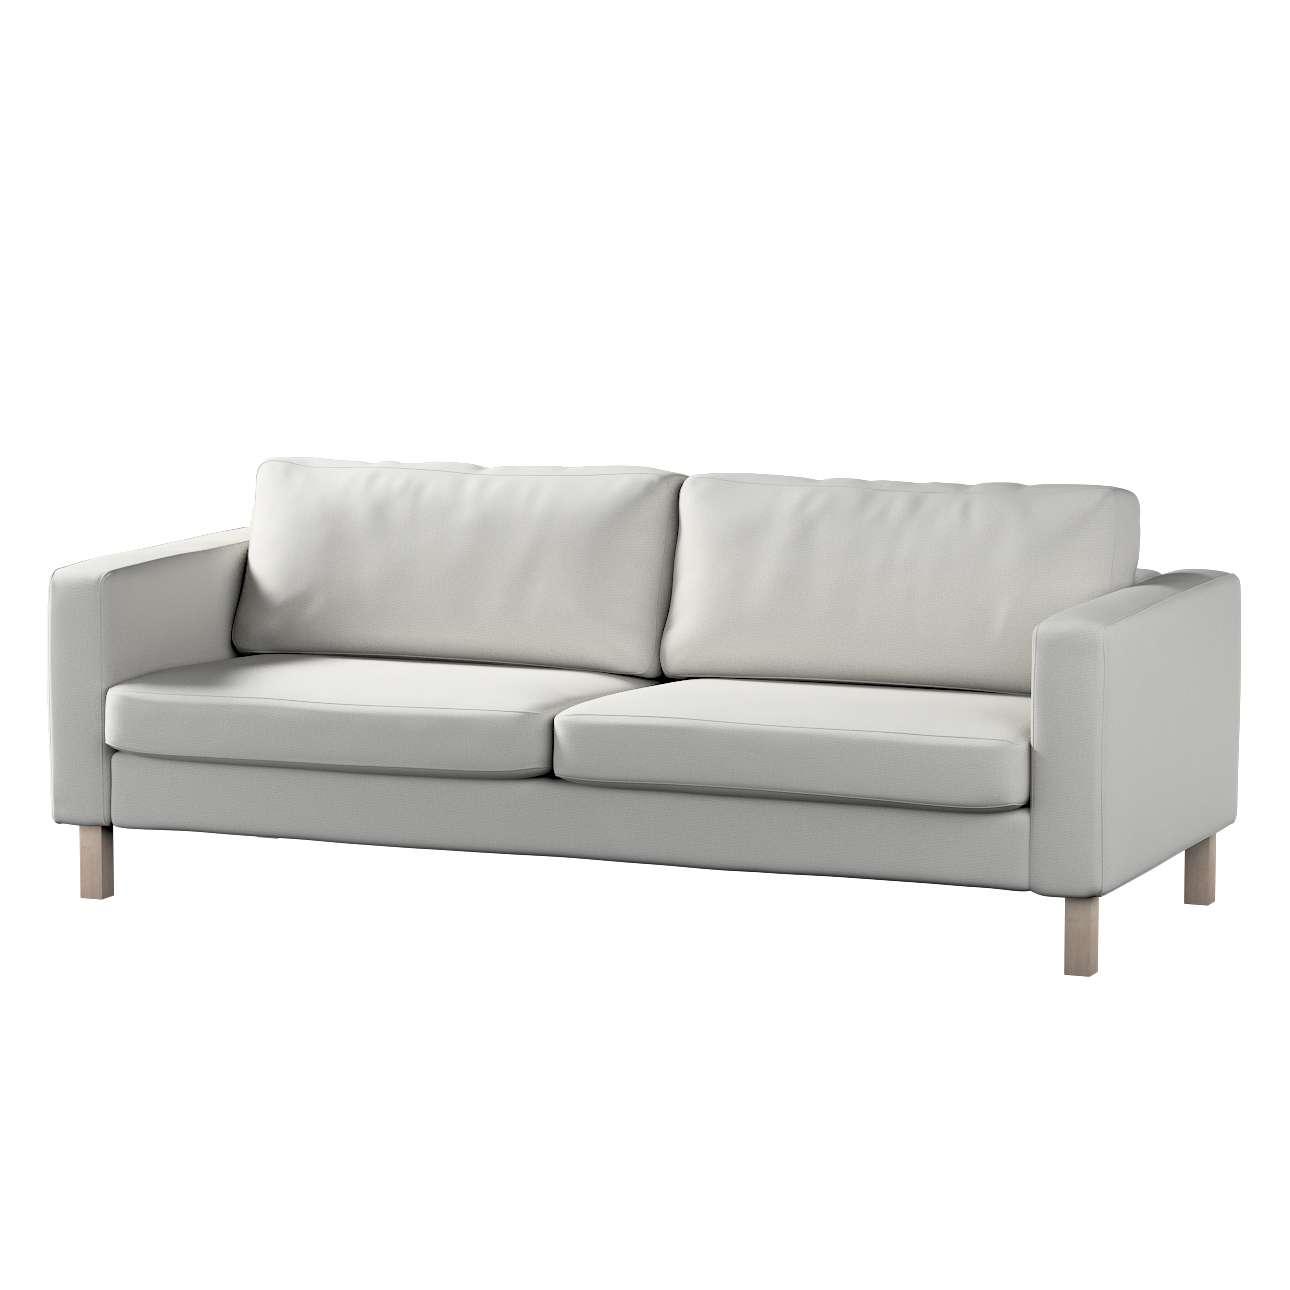 Pokrowiec na sofę Karlstad 3-osobową nierozkładaną, krótki Sofa Karlstad 3-osobowa w kolekcji Etna , tkanina: 705-90